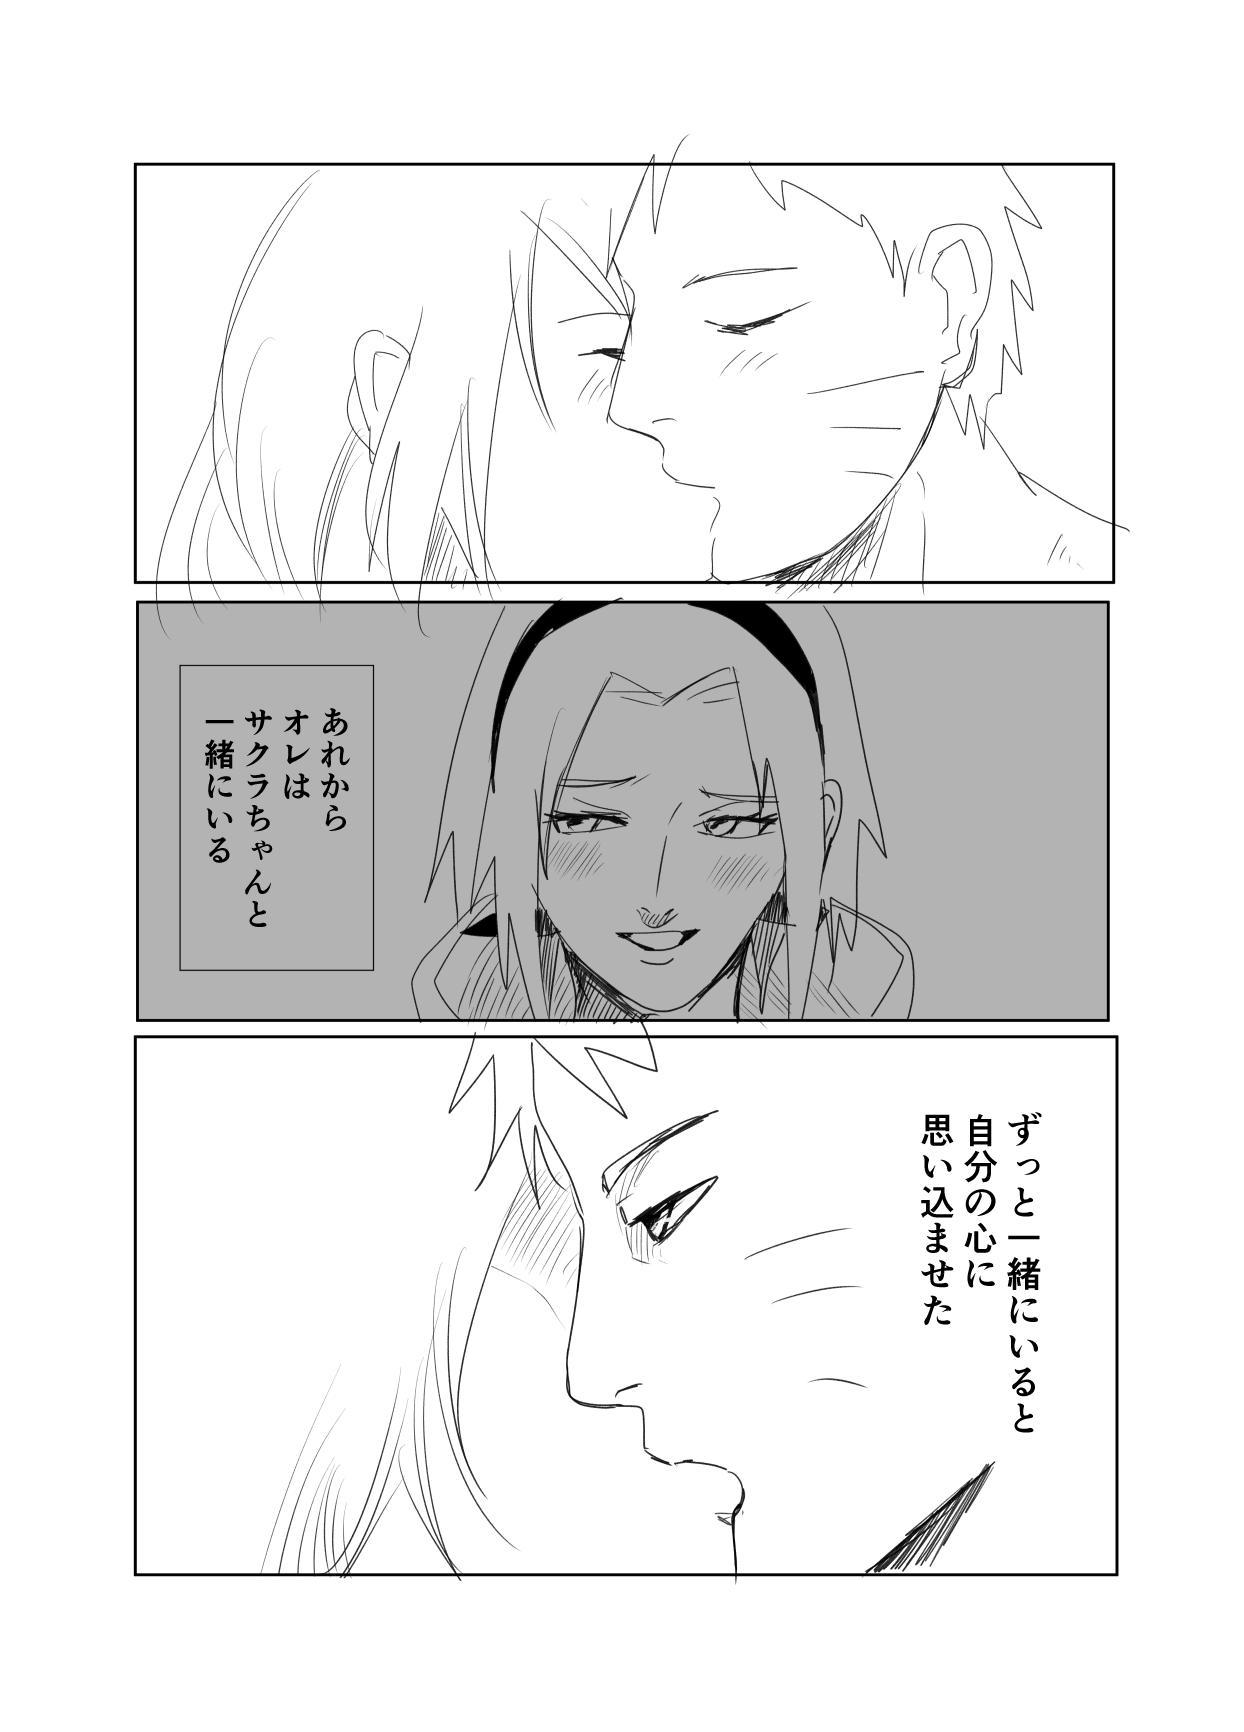 嘘告白漫画 2